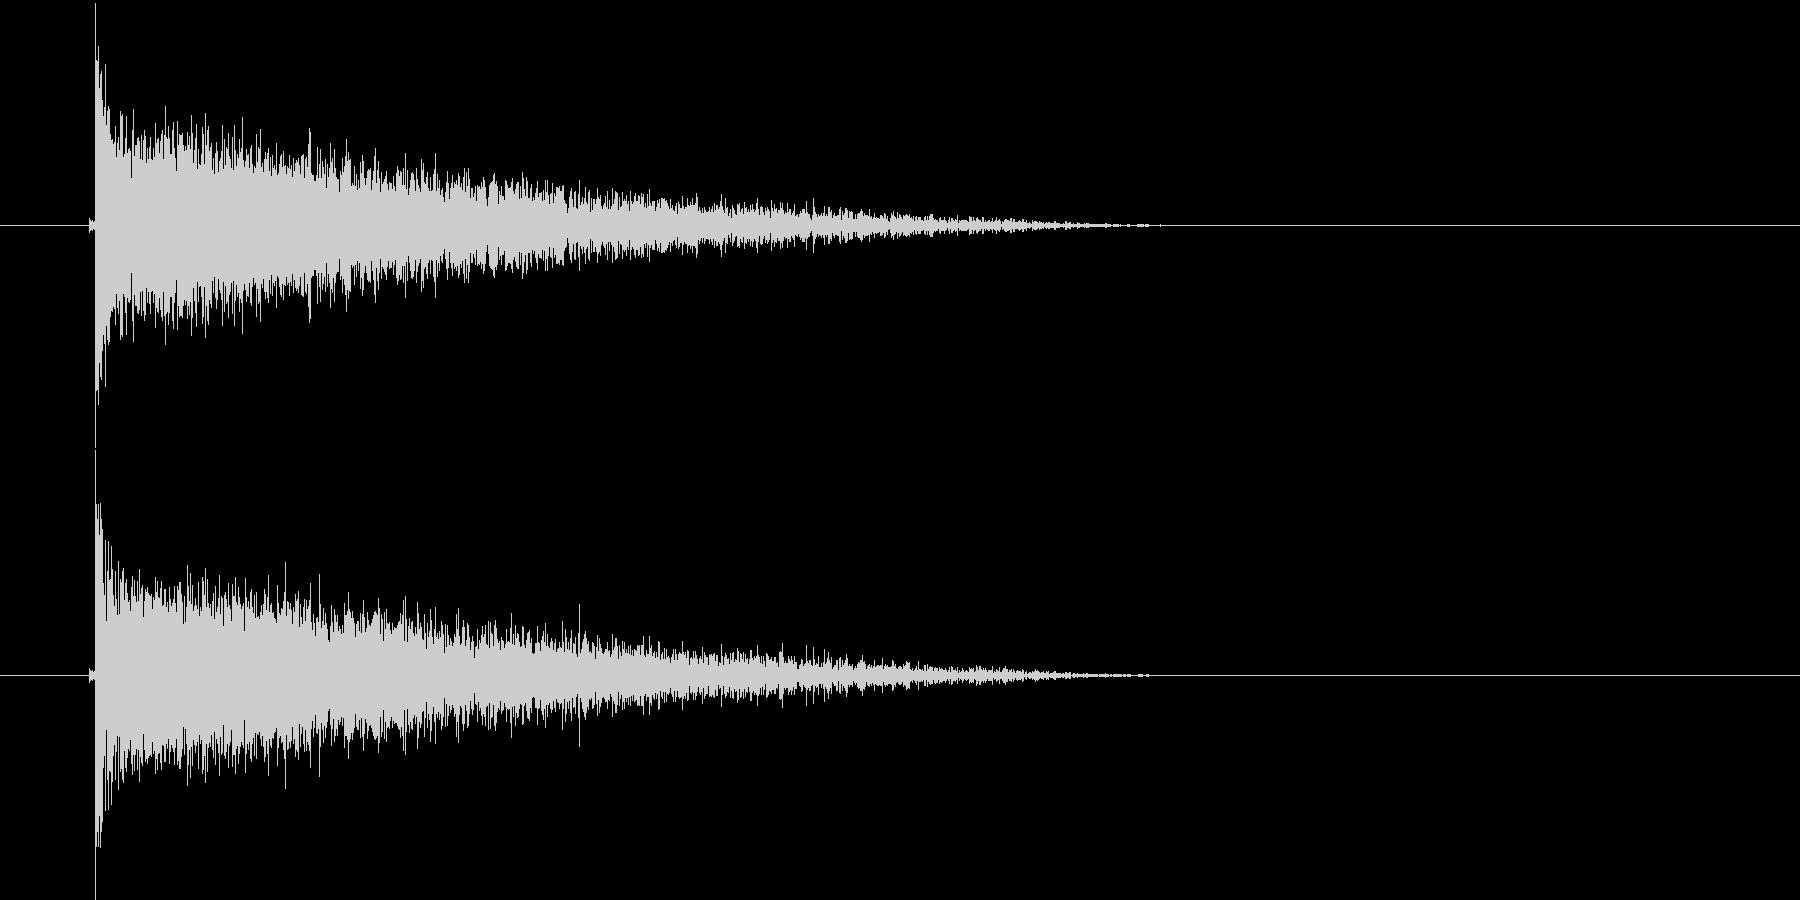 バシャーン(爆破音)の未再生の波形